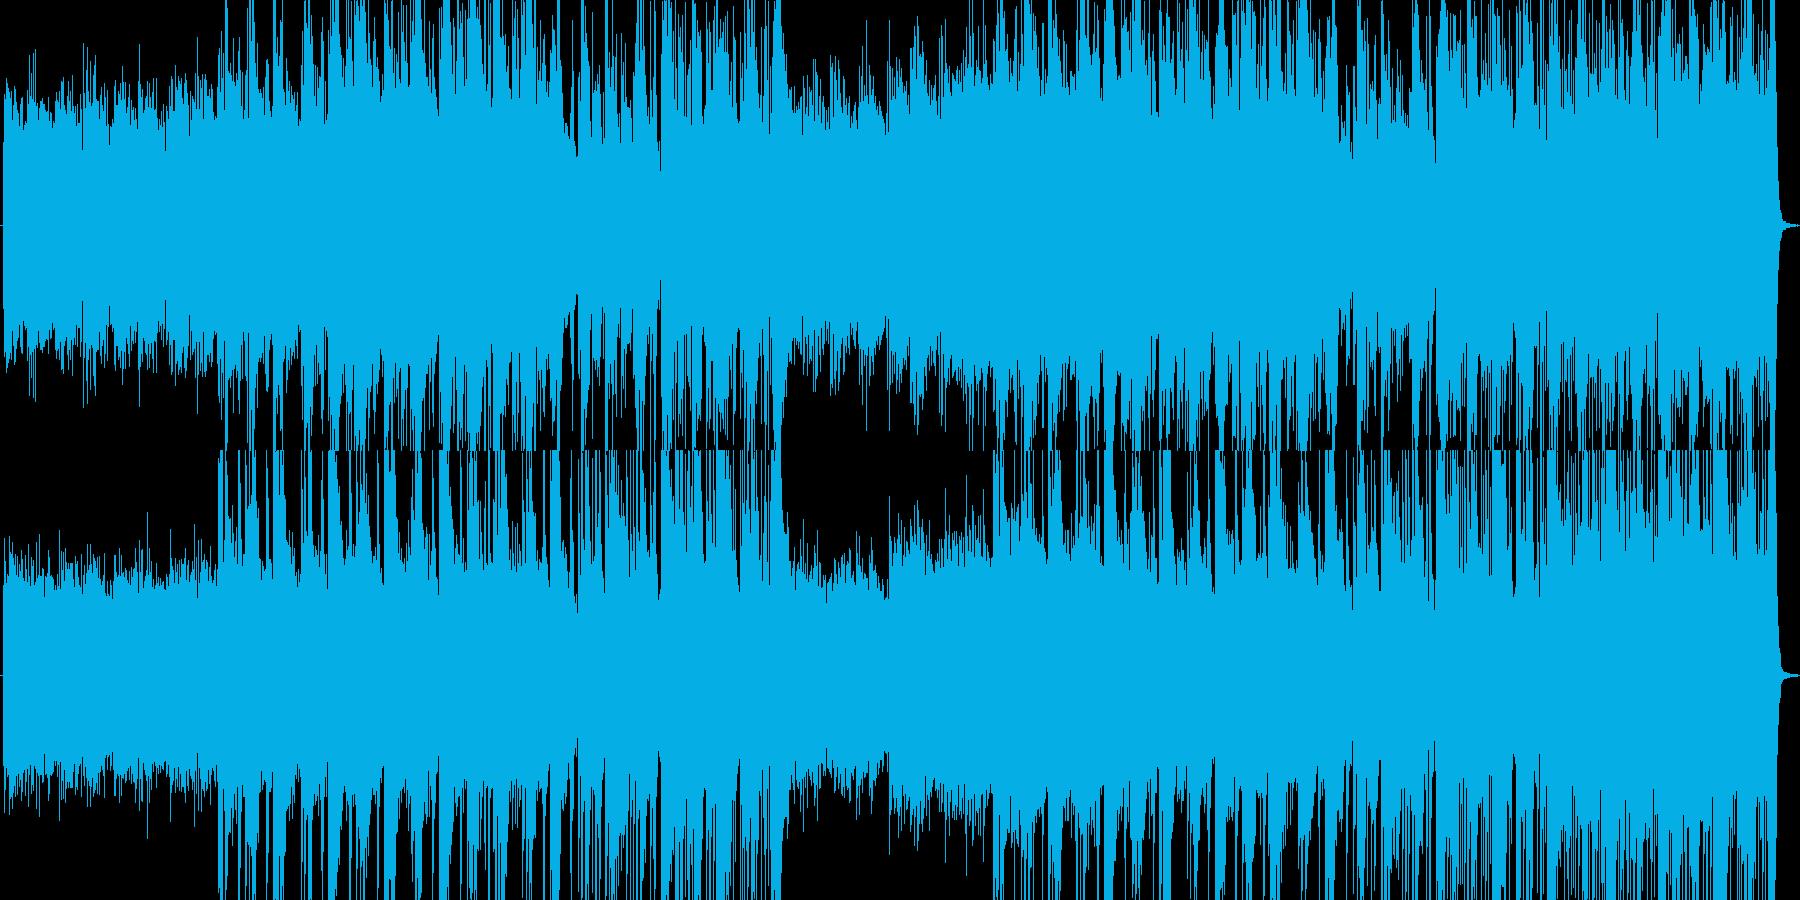 幻想的ファンタジーBGMの再生済みの波形